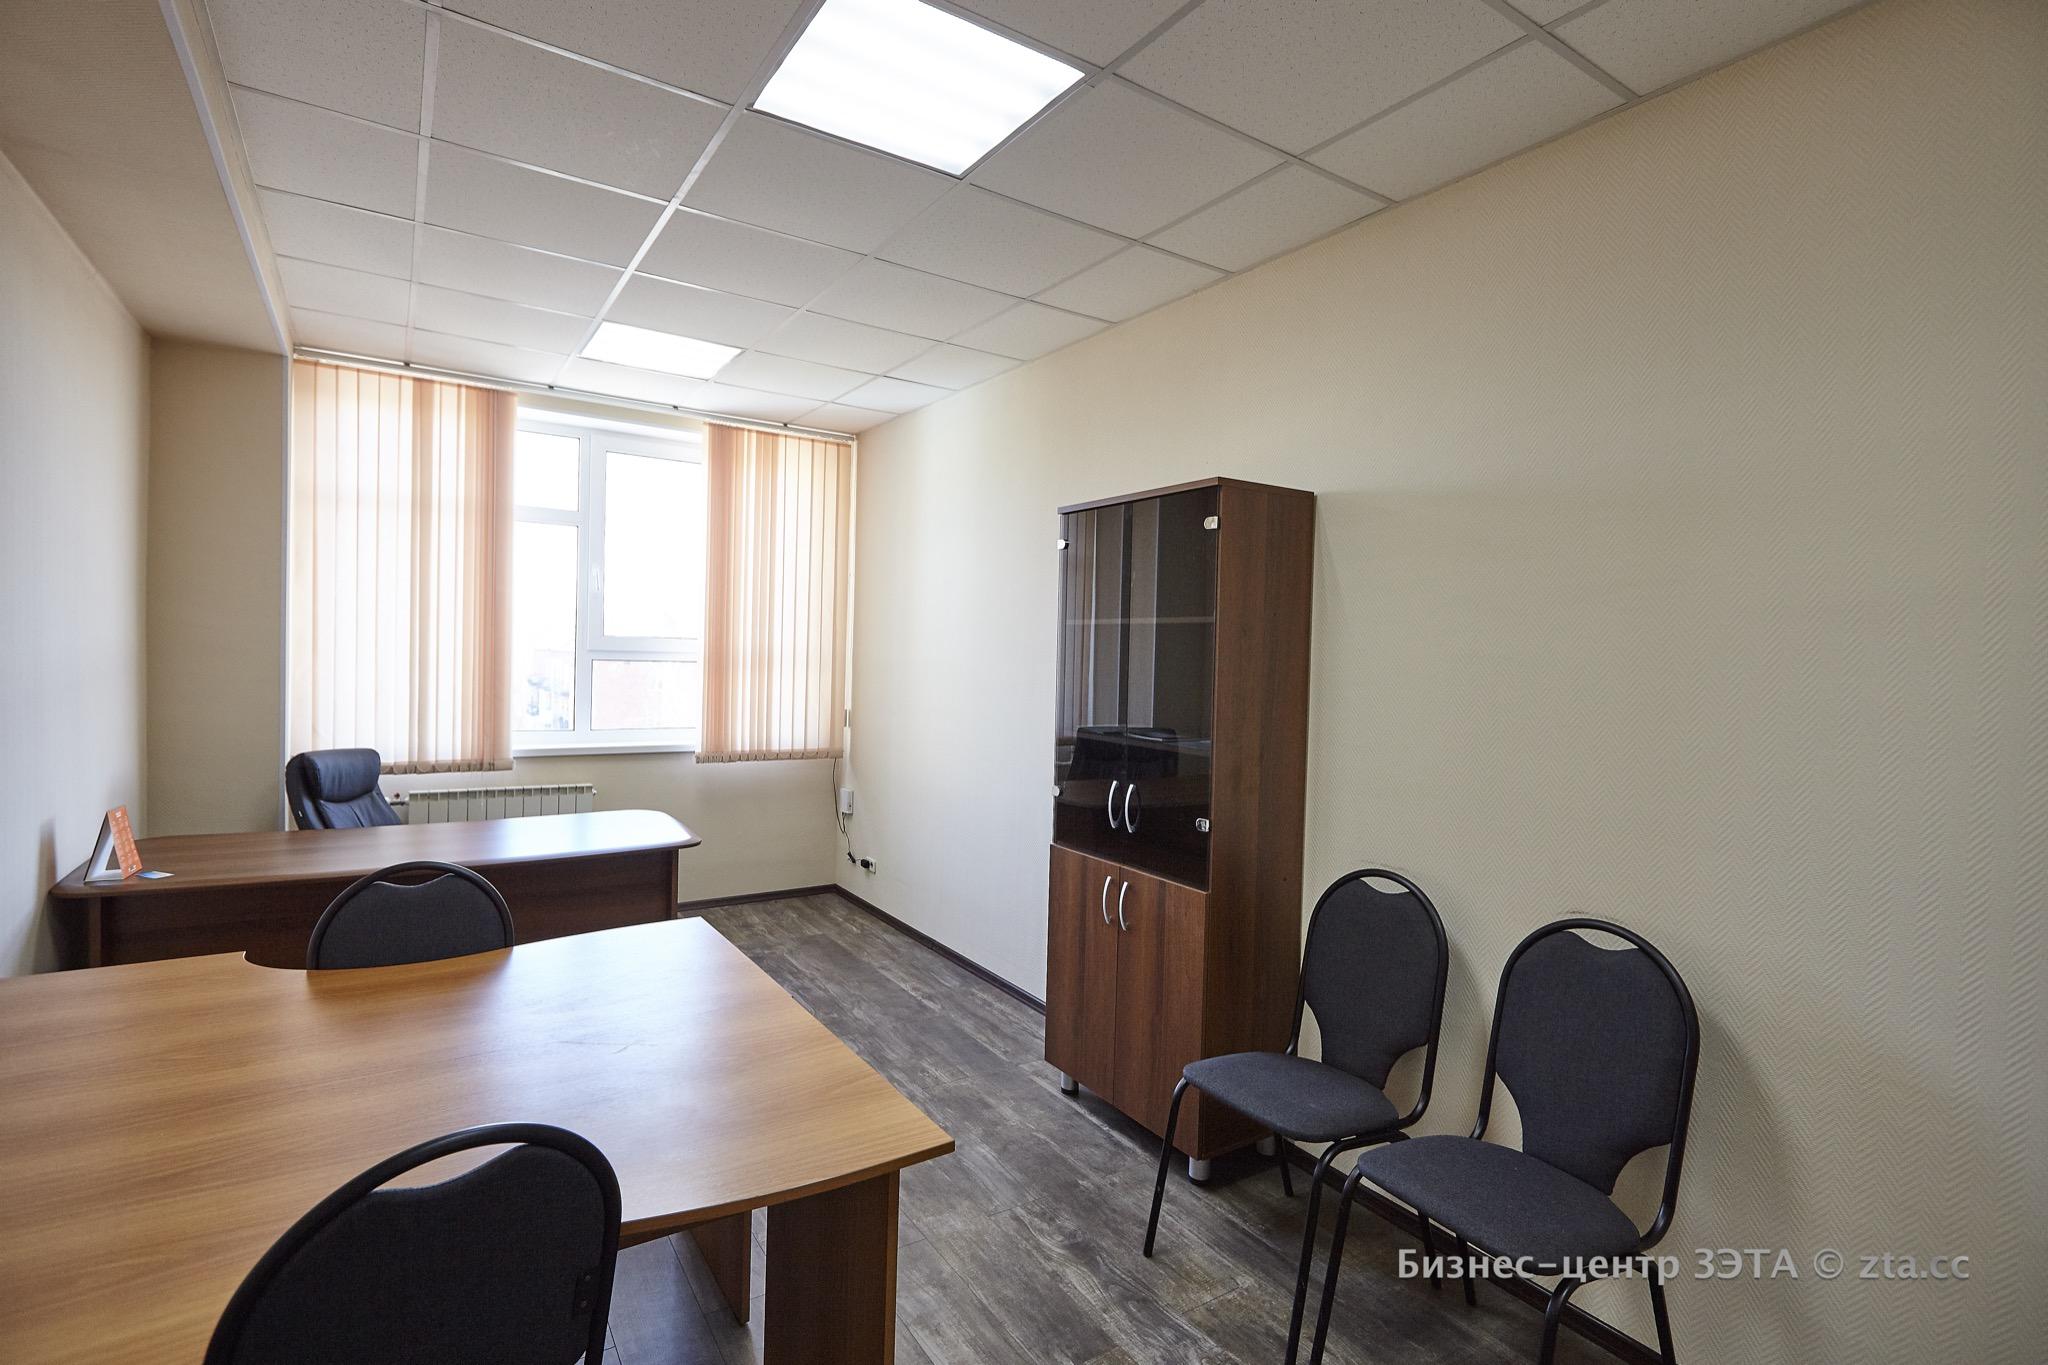 Аренда офисов в кемерово без посредников налоги сдача коммерческой недвижимости в аренду